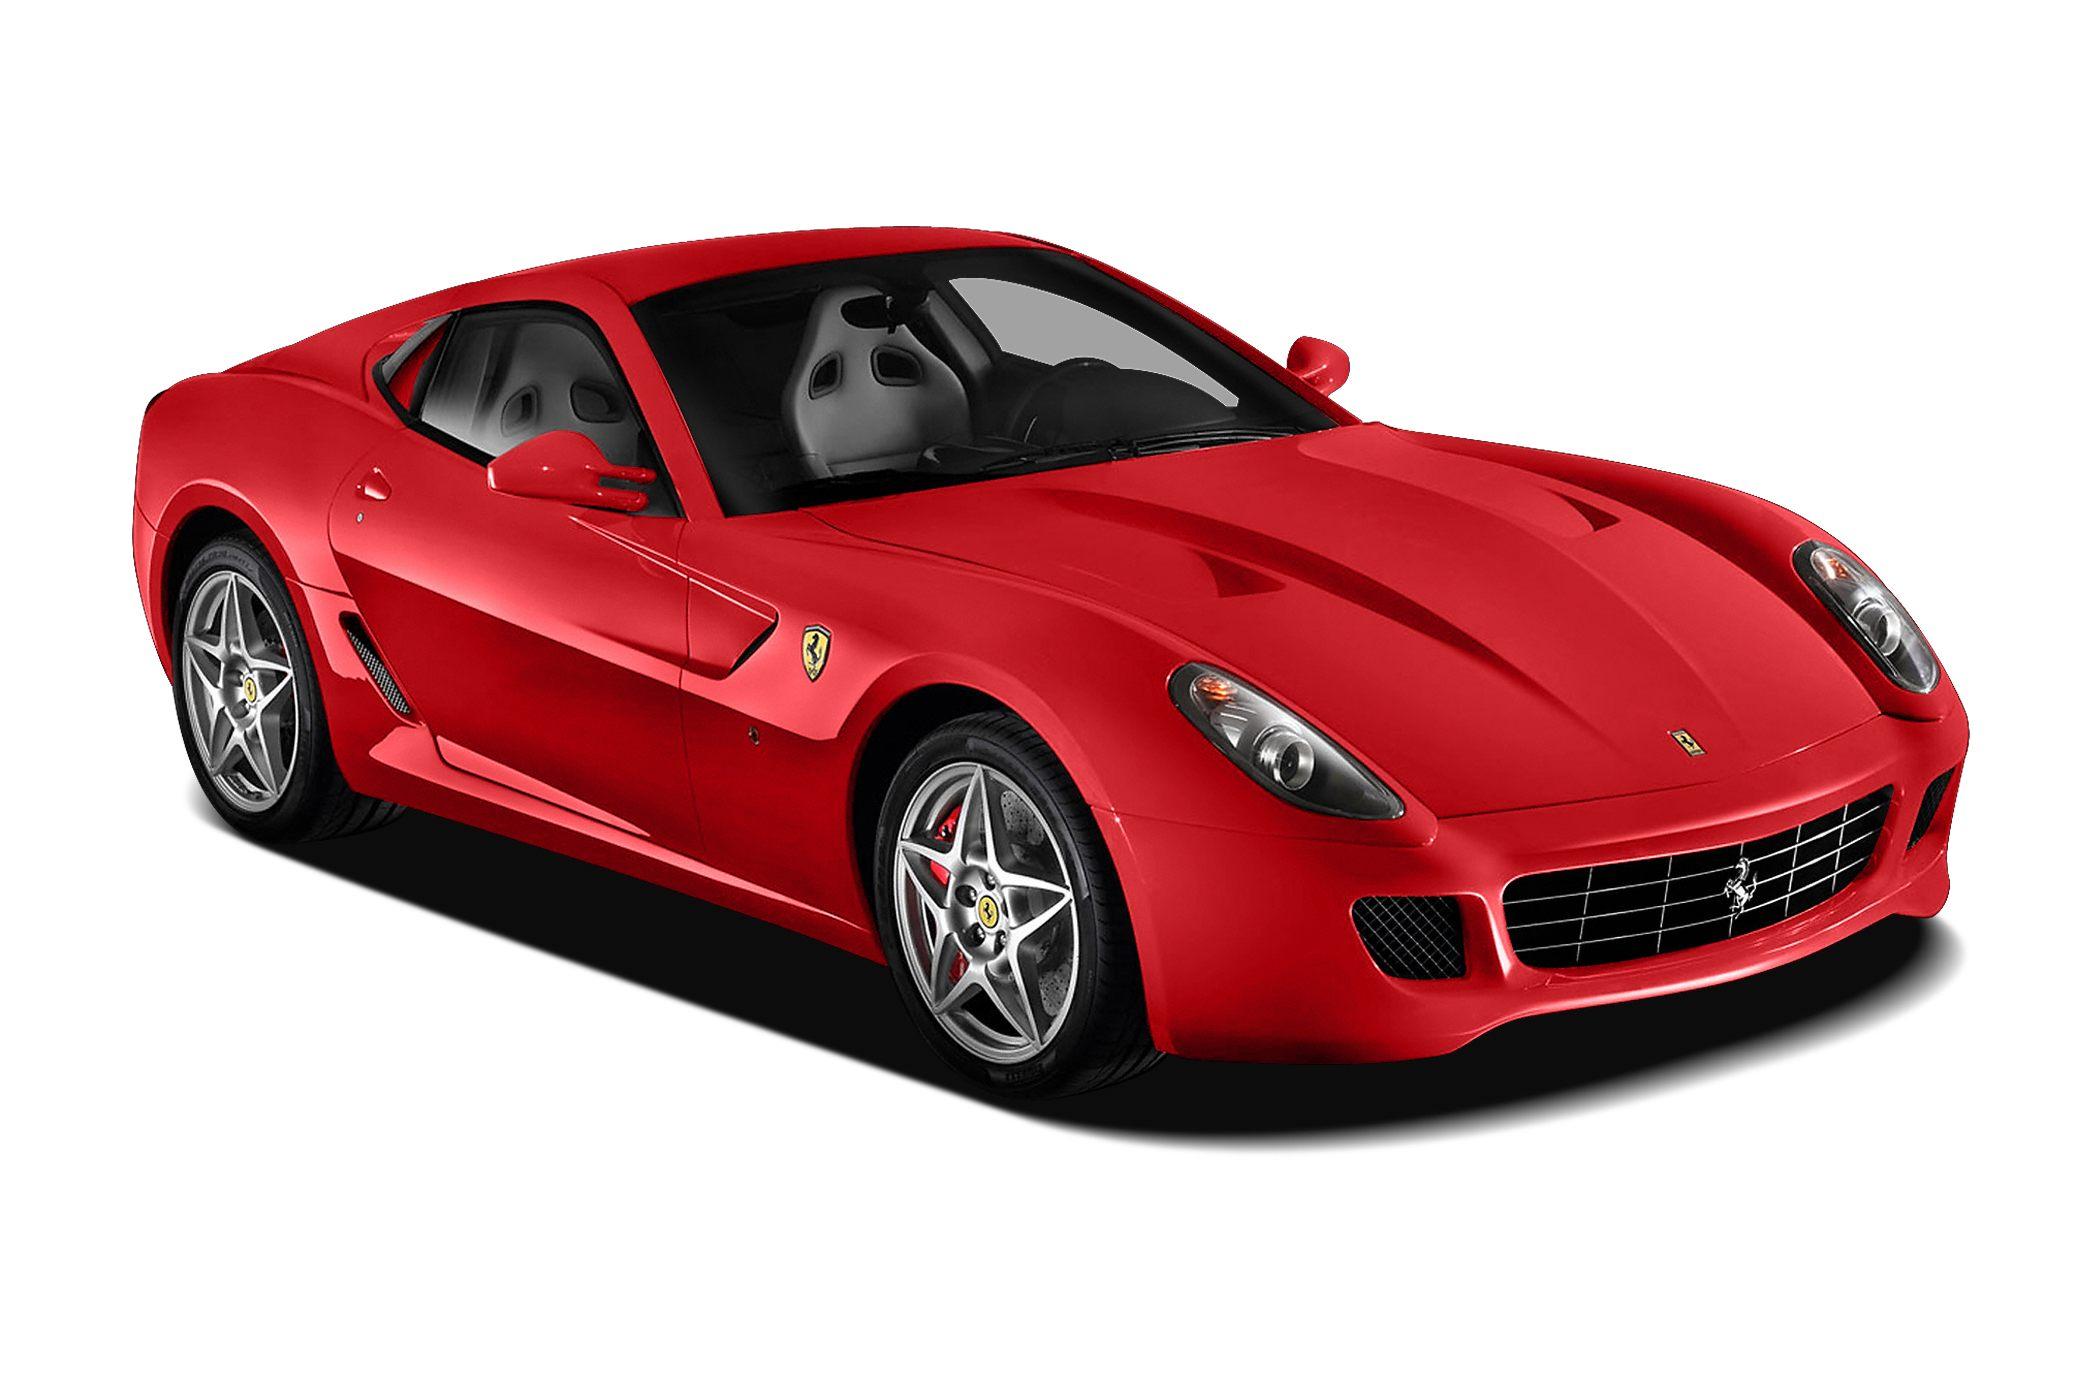 2008 ferrari 599 gtb fiorano specs and prices